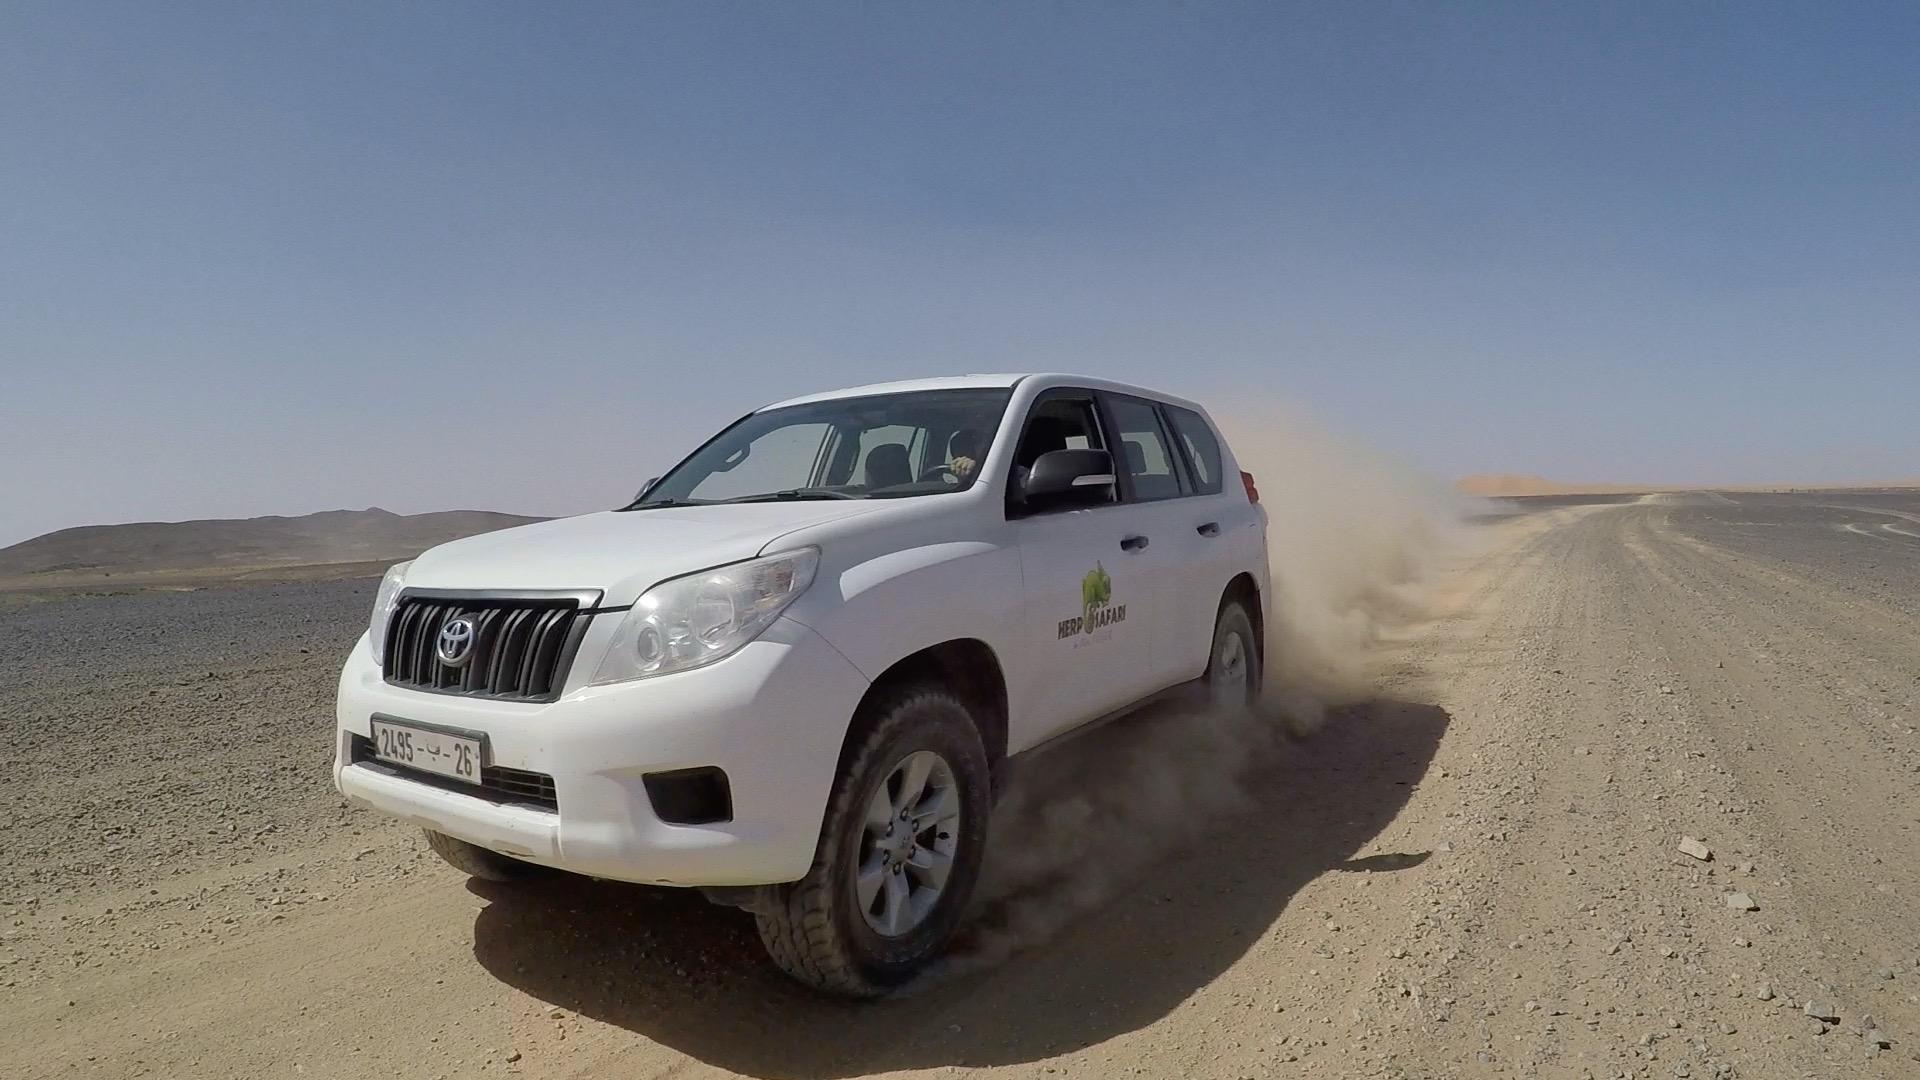 4x4 Abenteuer in der Wüste